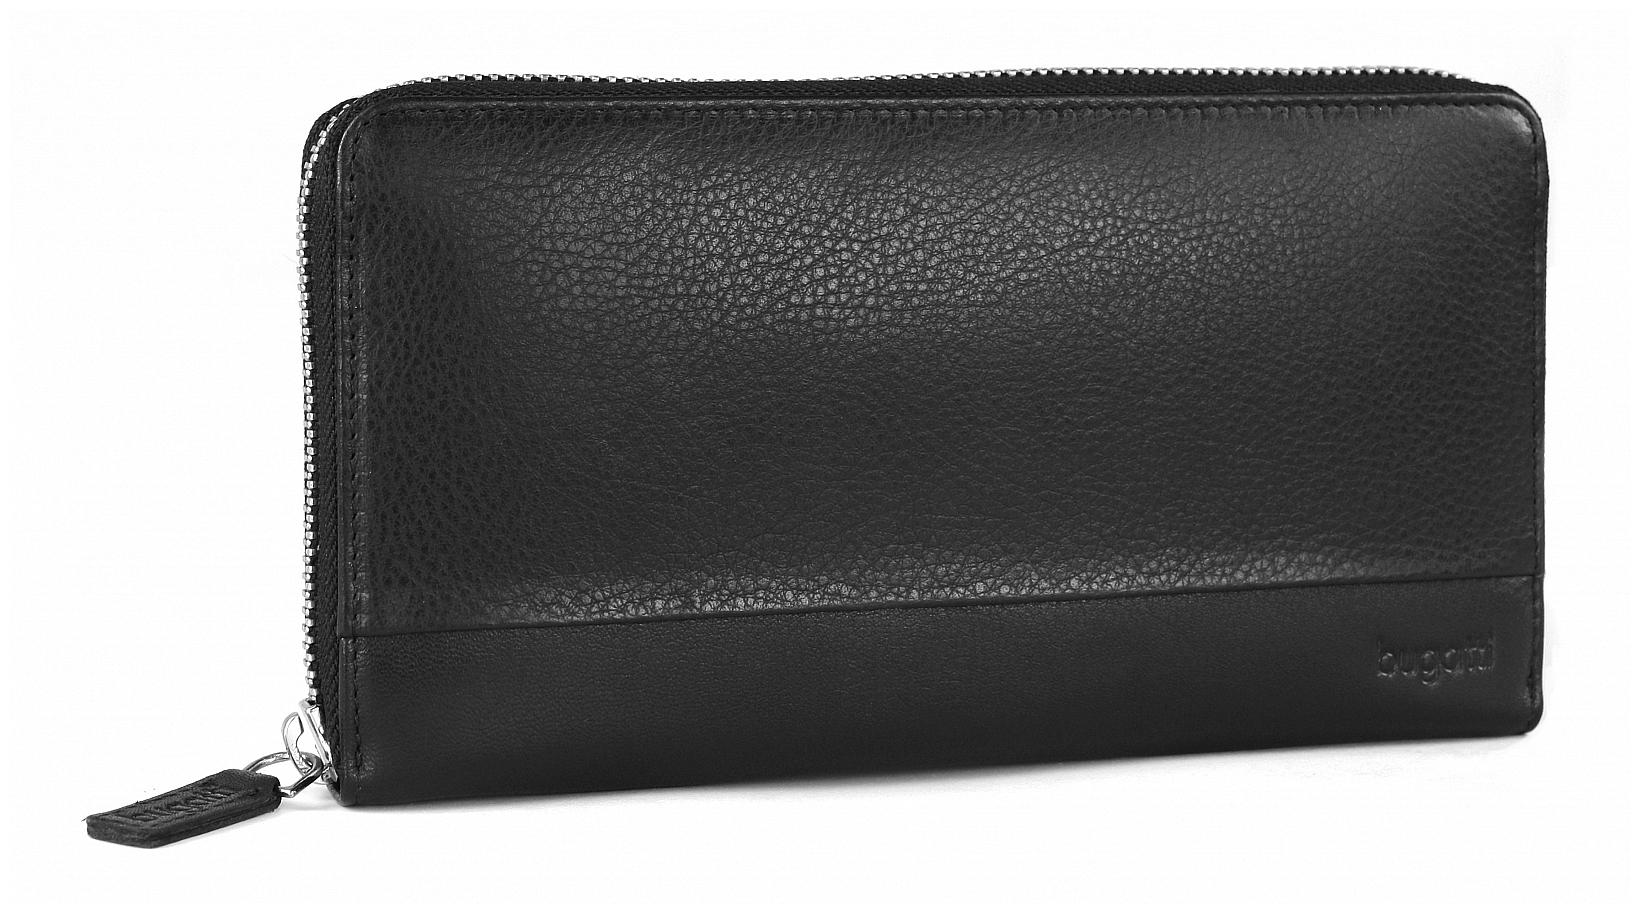 Bugatti Velká dámská kožená peněženka ATLANTA 49320801 černá